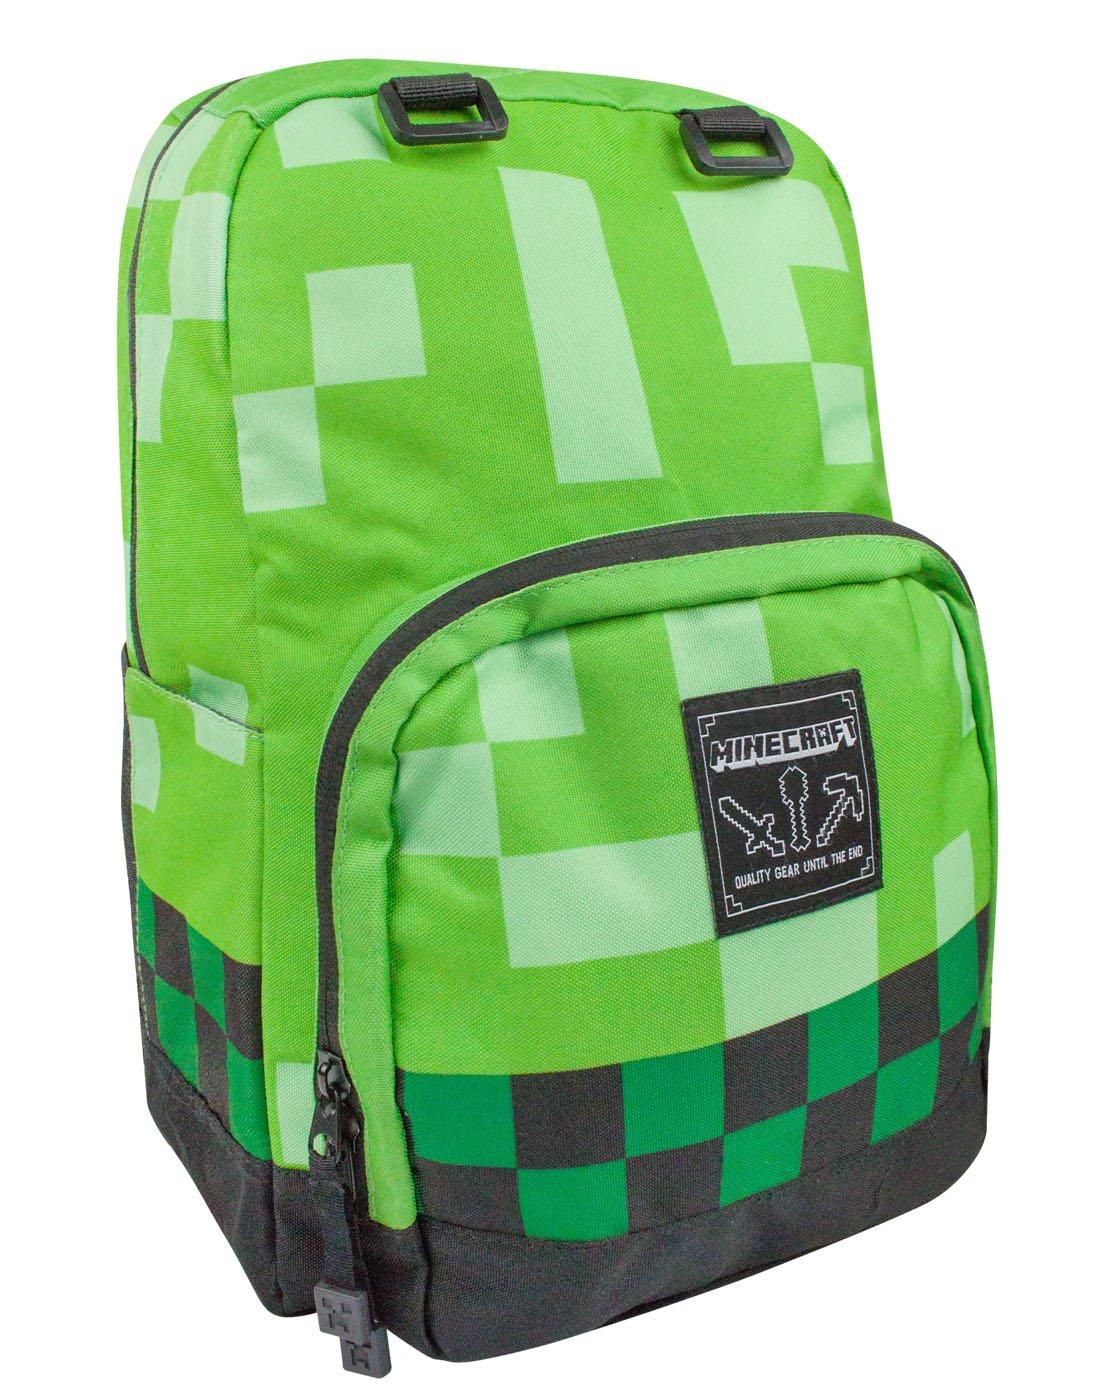 Jinx Minecraft Backpack Children's Luggage, 44 cm, Green 39090